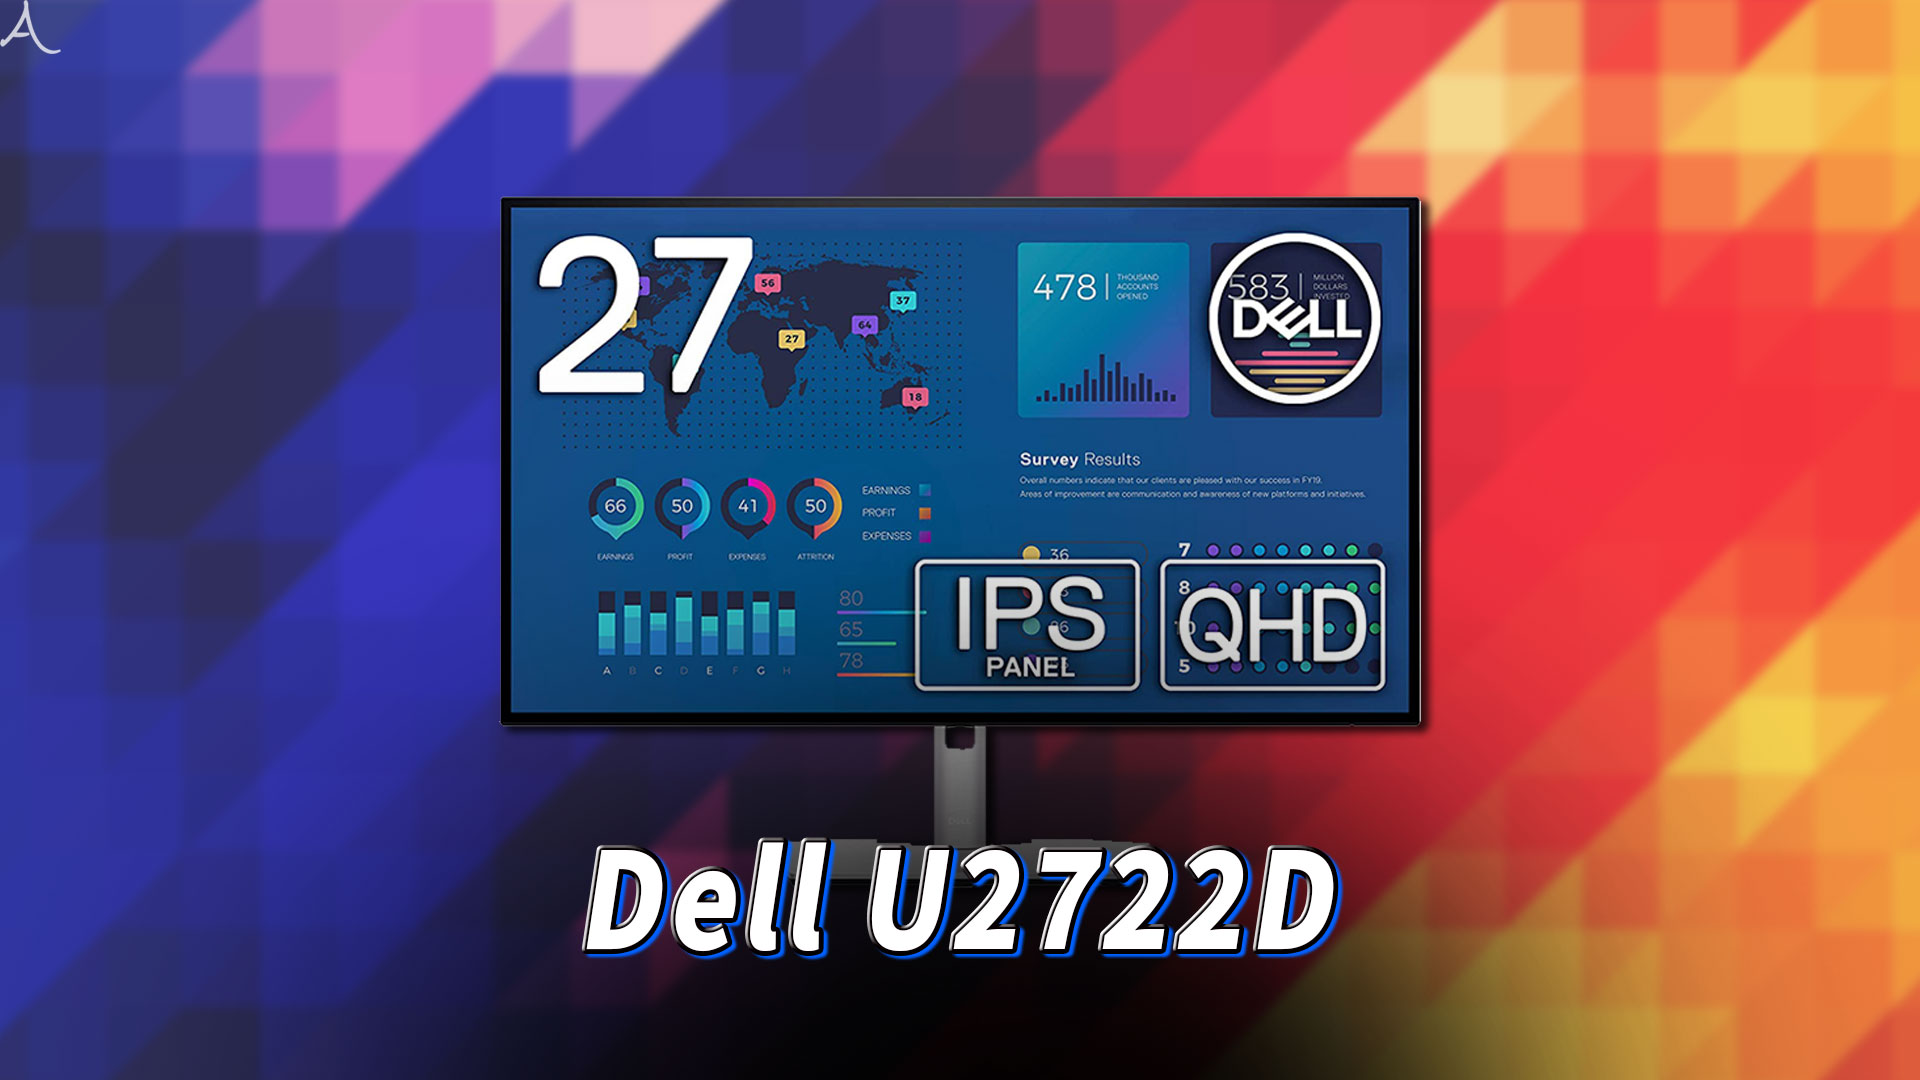 「Dell U2722D」ってモニターアーム使えるの?VESAサイズやおすすめアームはどれ?